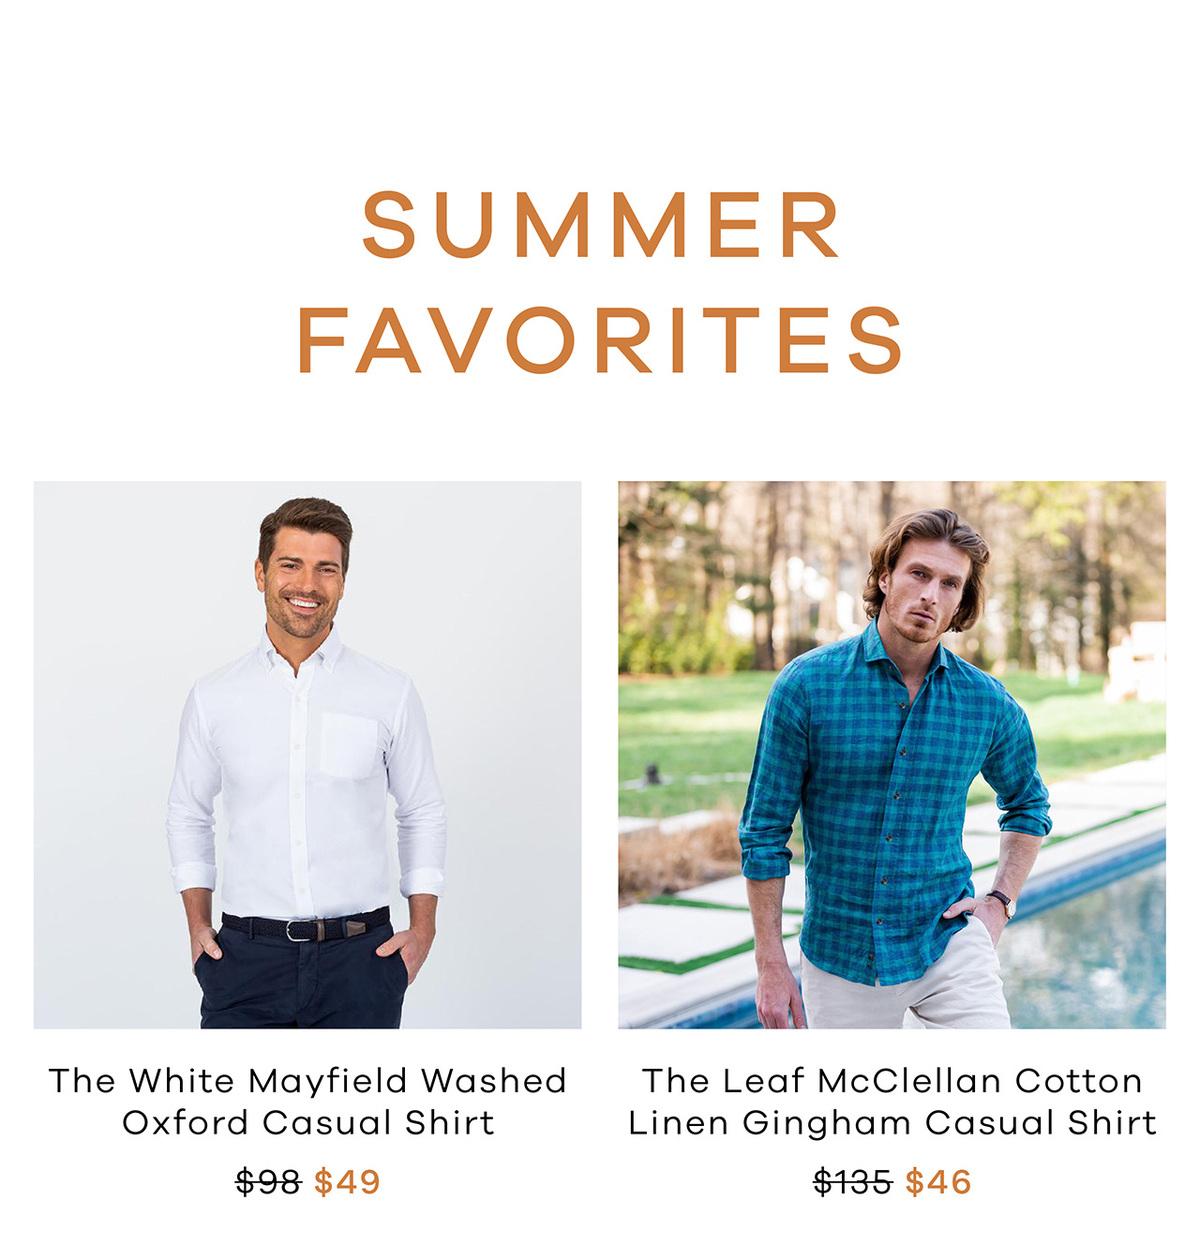 Summer Favorites - SHOP NOW